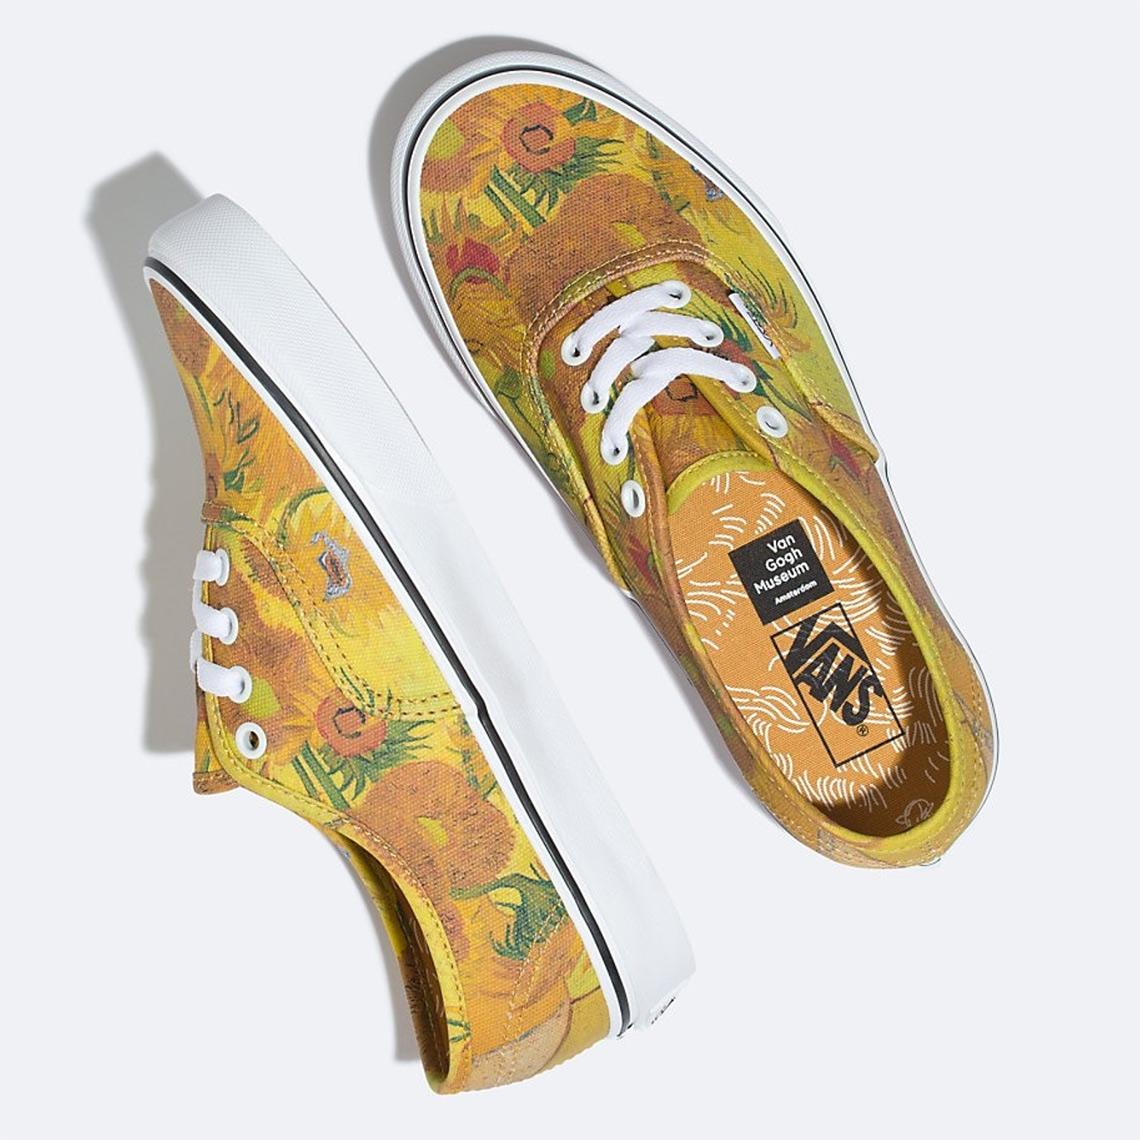 Van Gogh Vans Shoes - First Look +